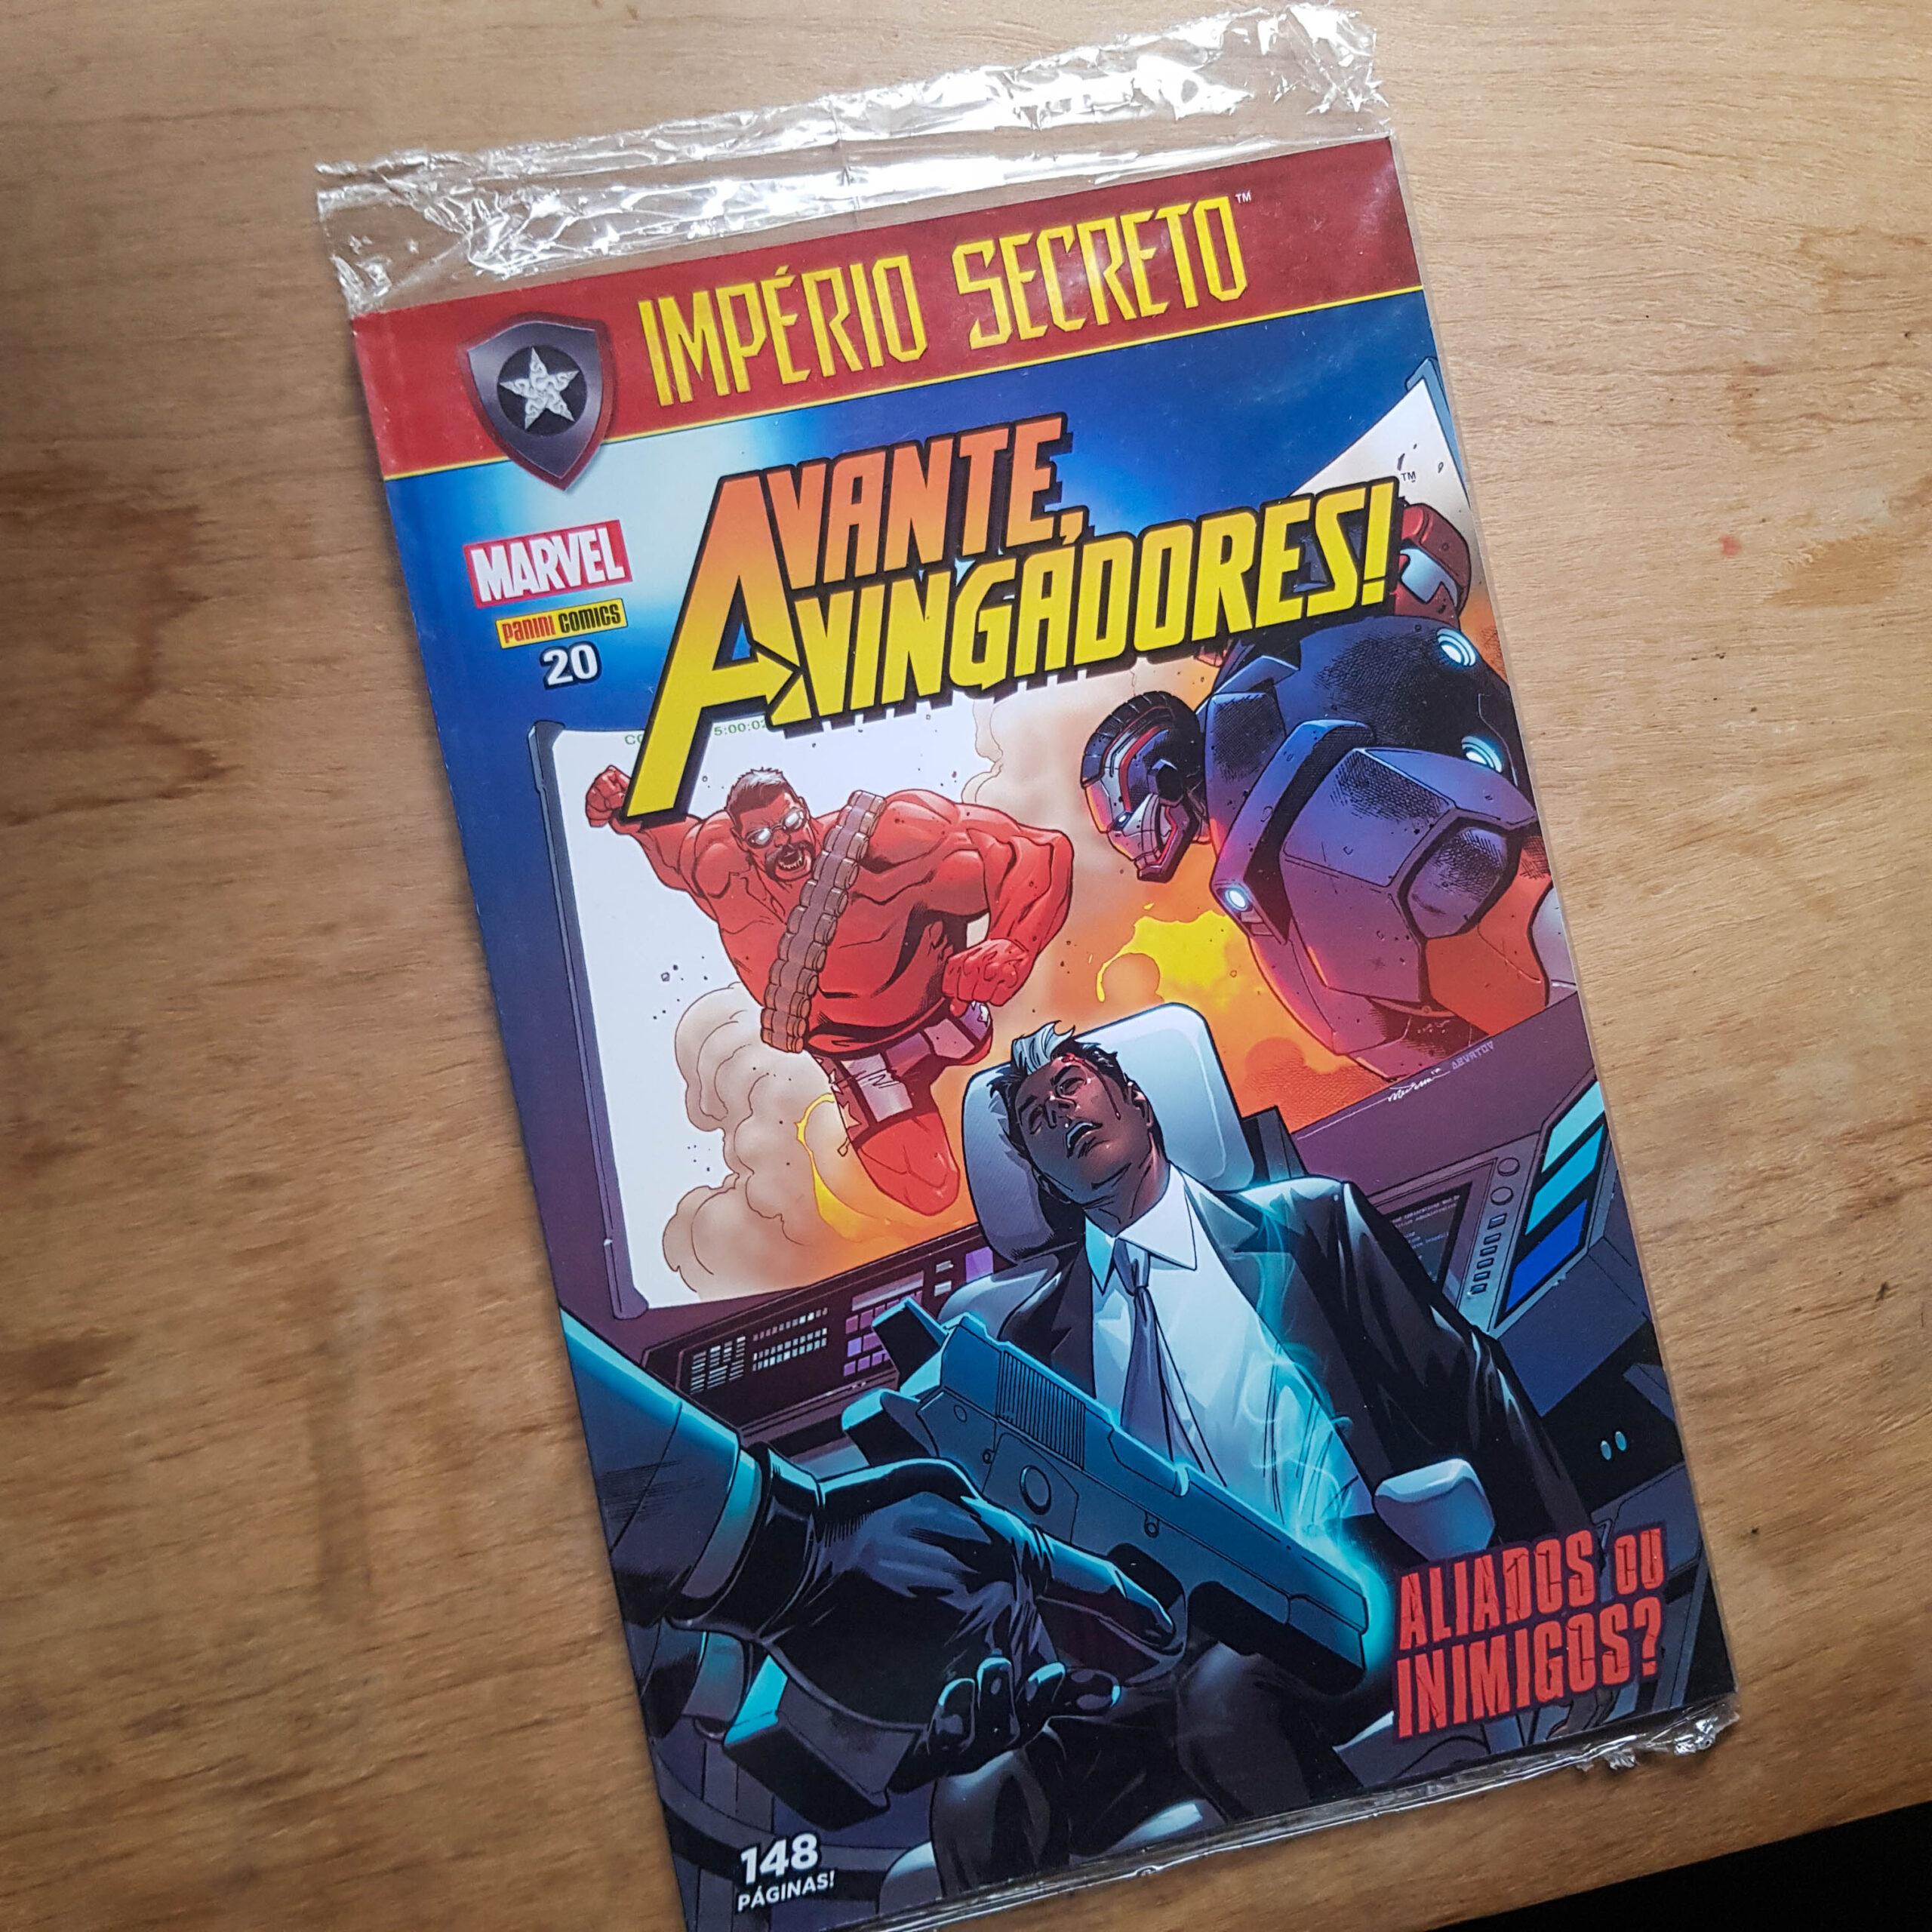 Avante, Vingadores! - Vol.20 (Lote #109)